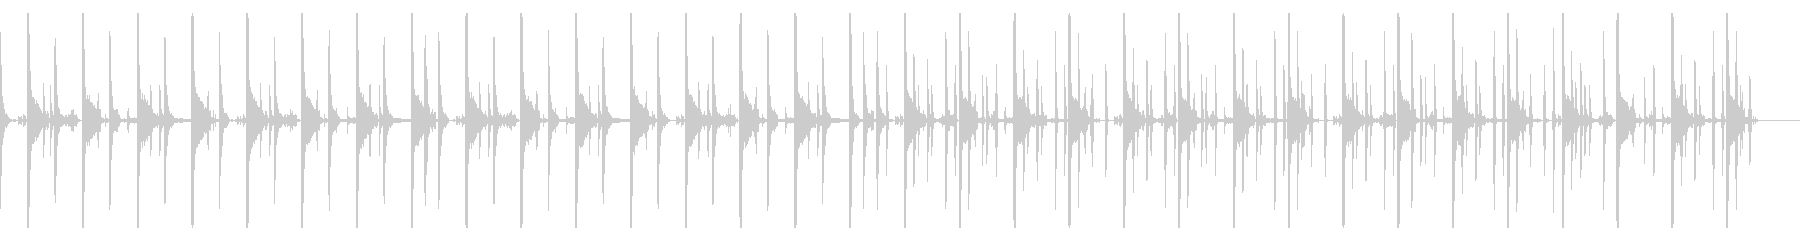 キックなし、123 BPMの未再生の波形